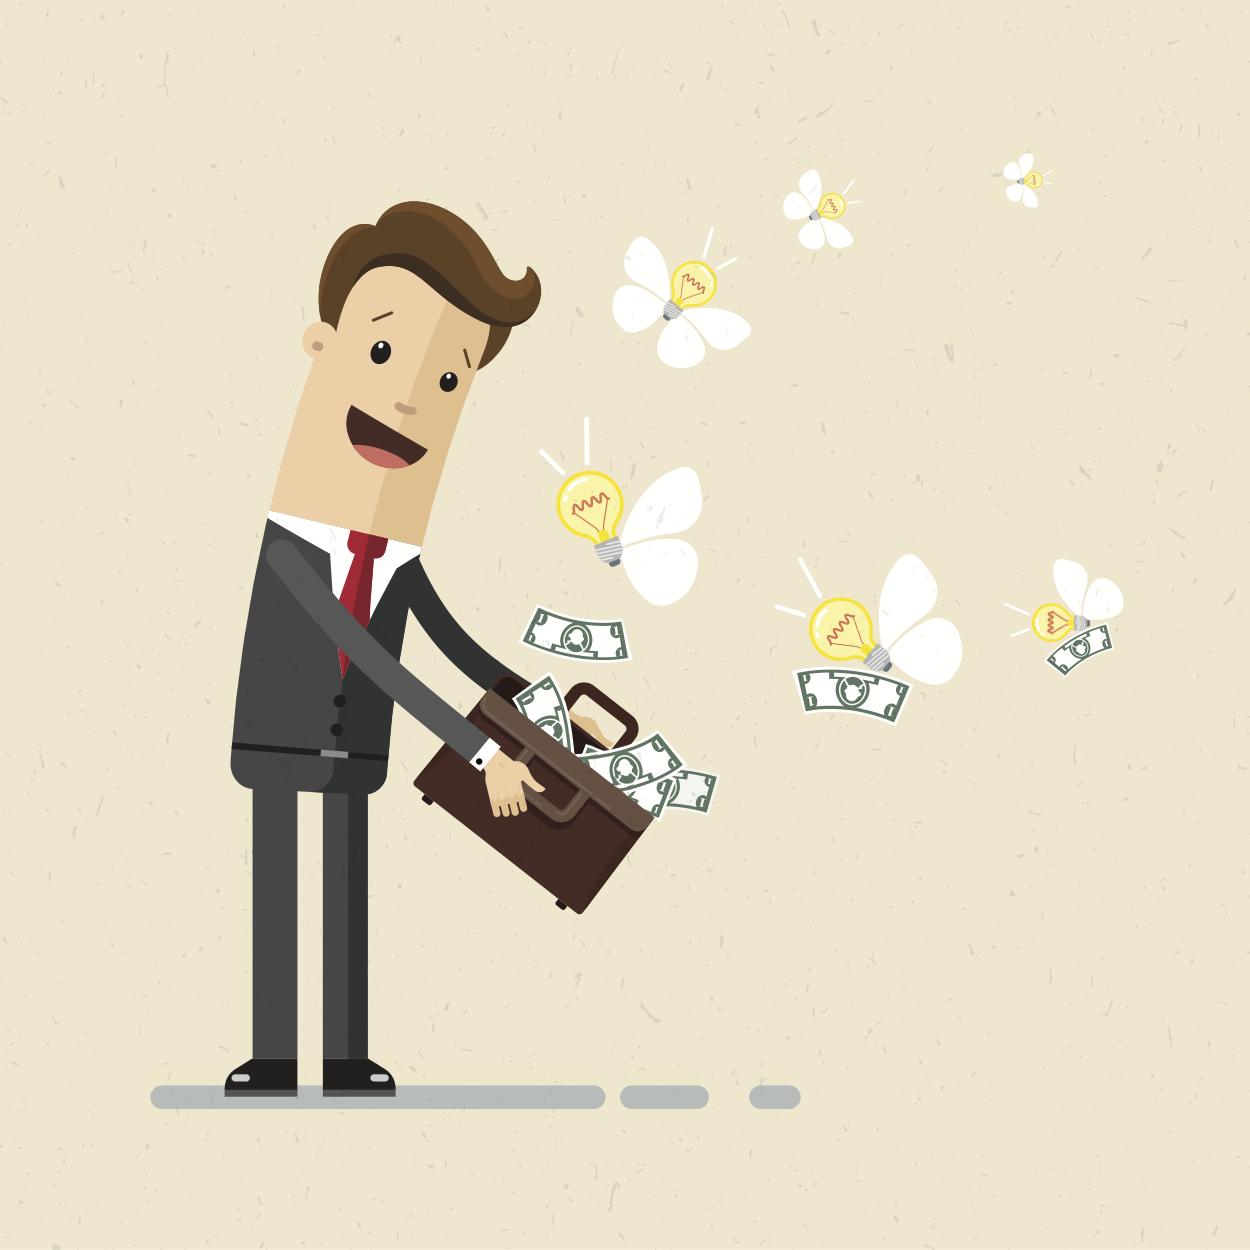 Vad kostar oengagerade medarbetare?